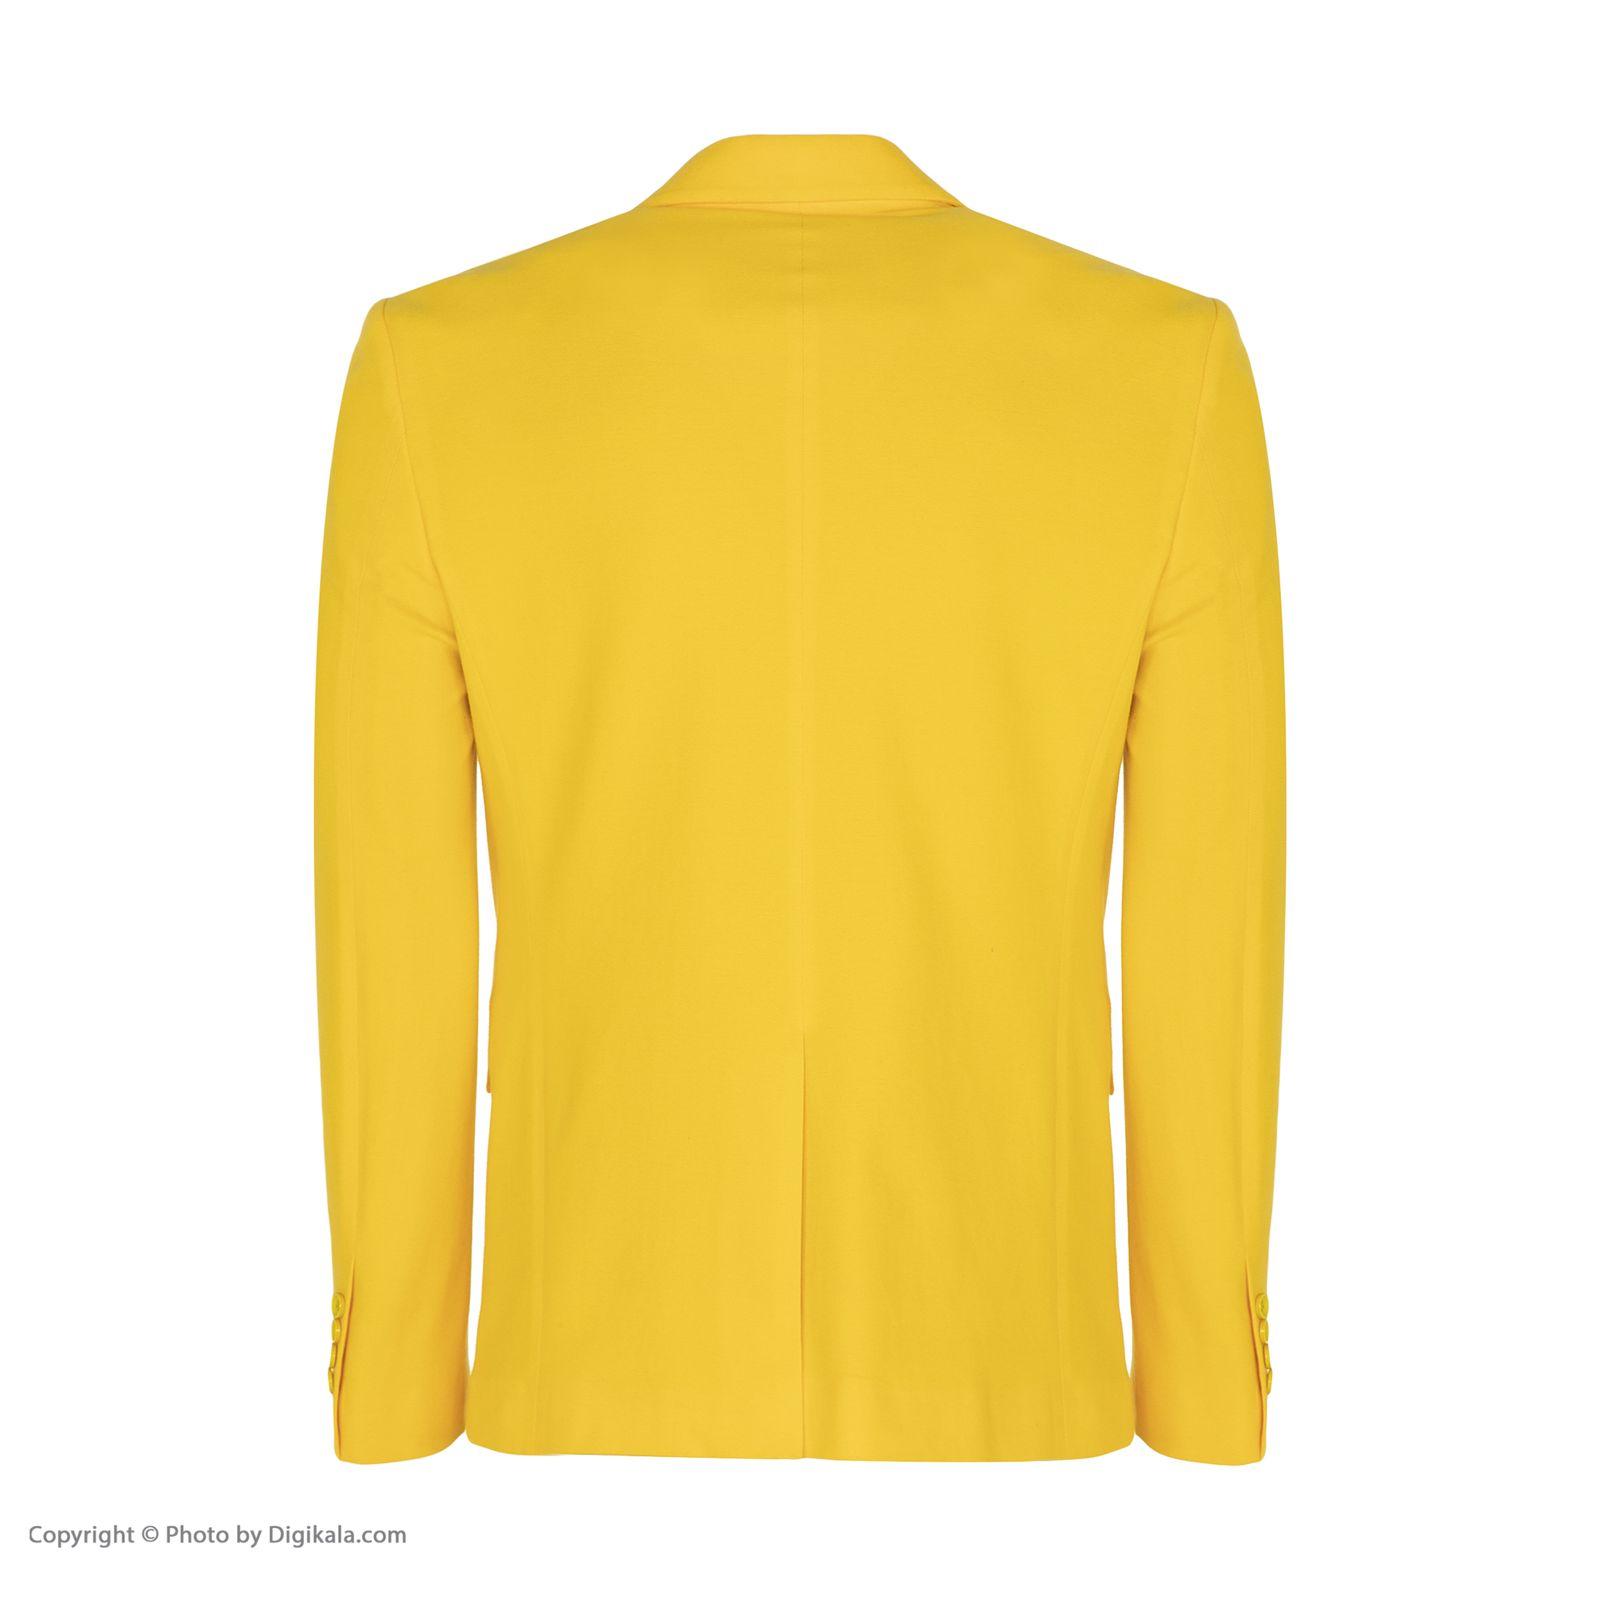 کت تک مردانه ان سی نو مدل جانسو رنگ زرد -  - 5